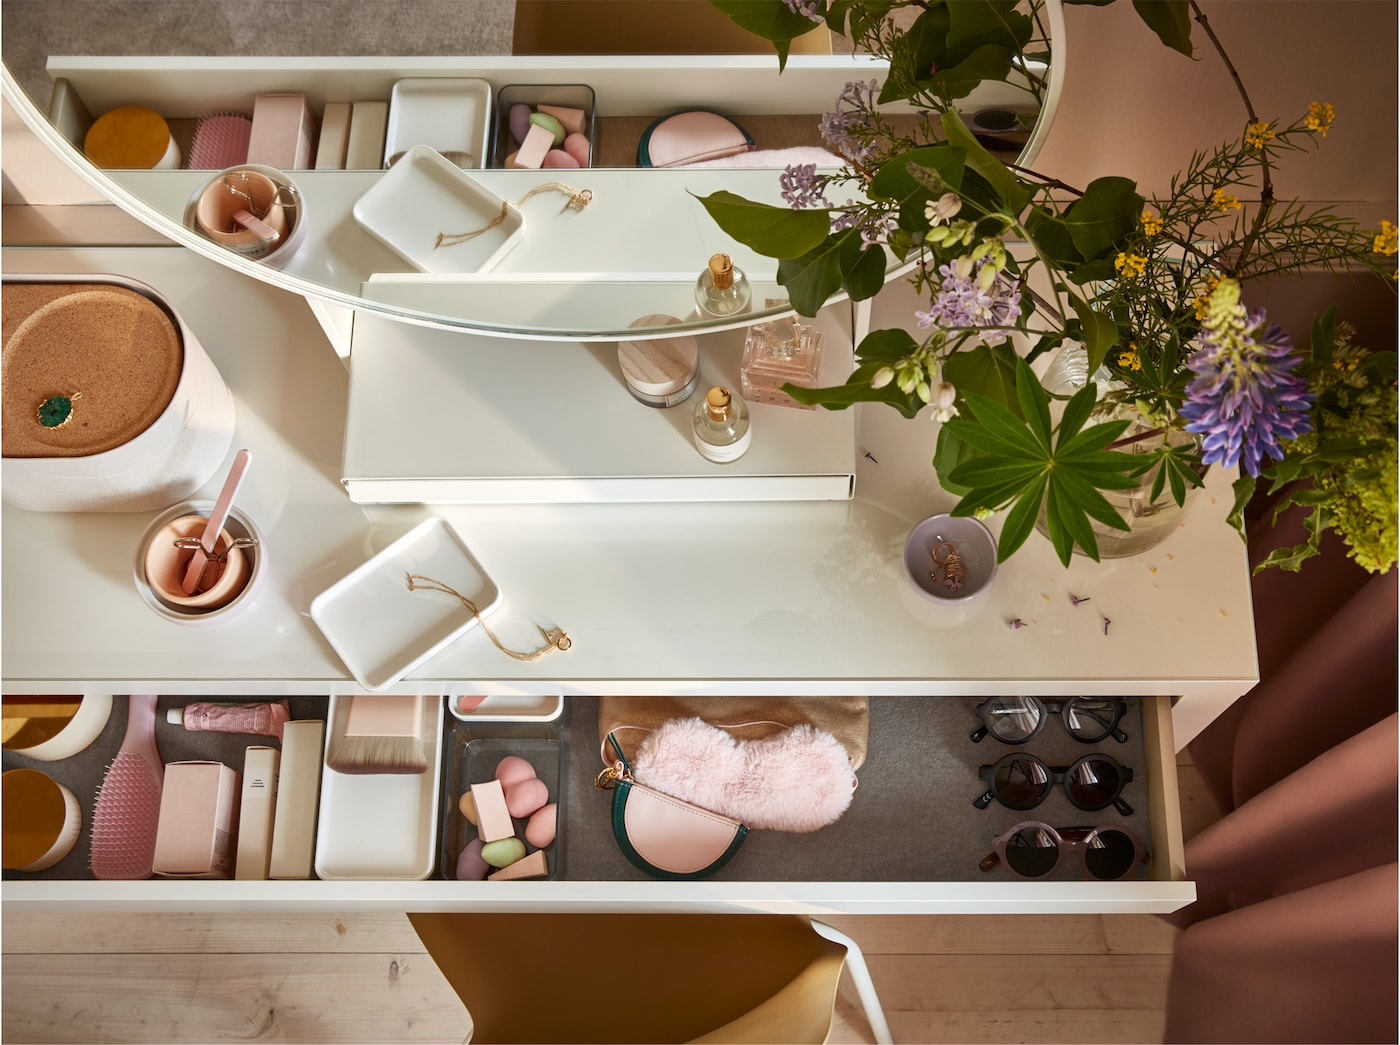 Et soverom hvor vakkert design og avslapning møtes IKEA